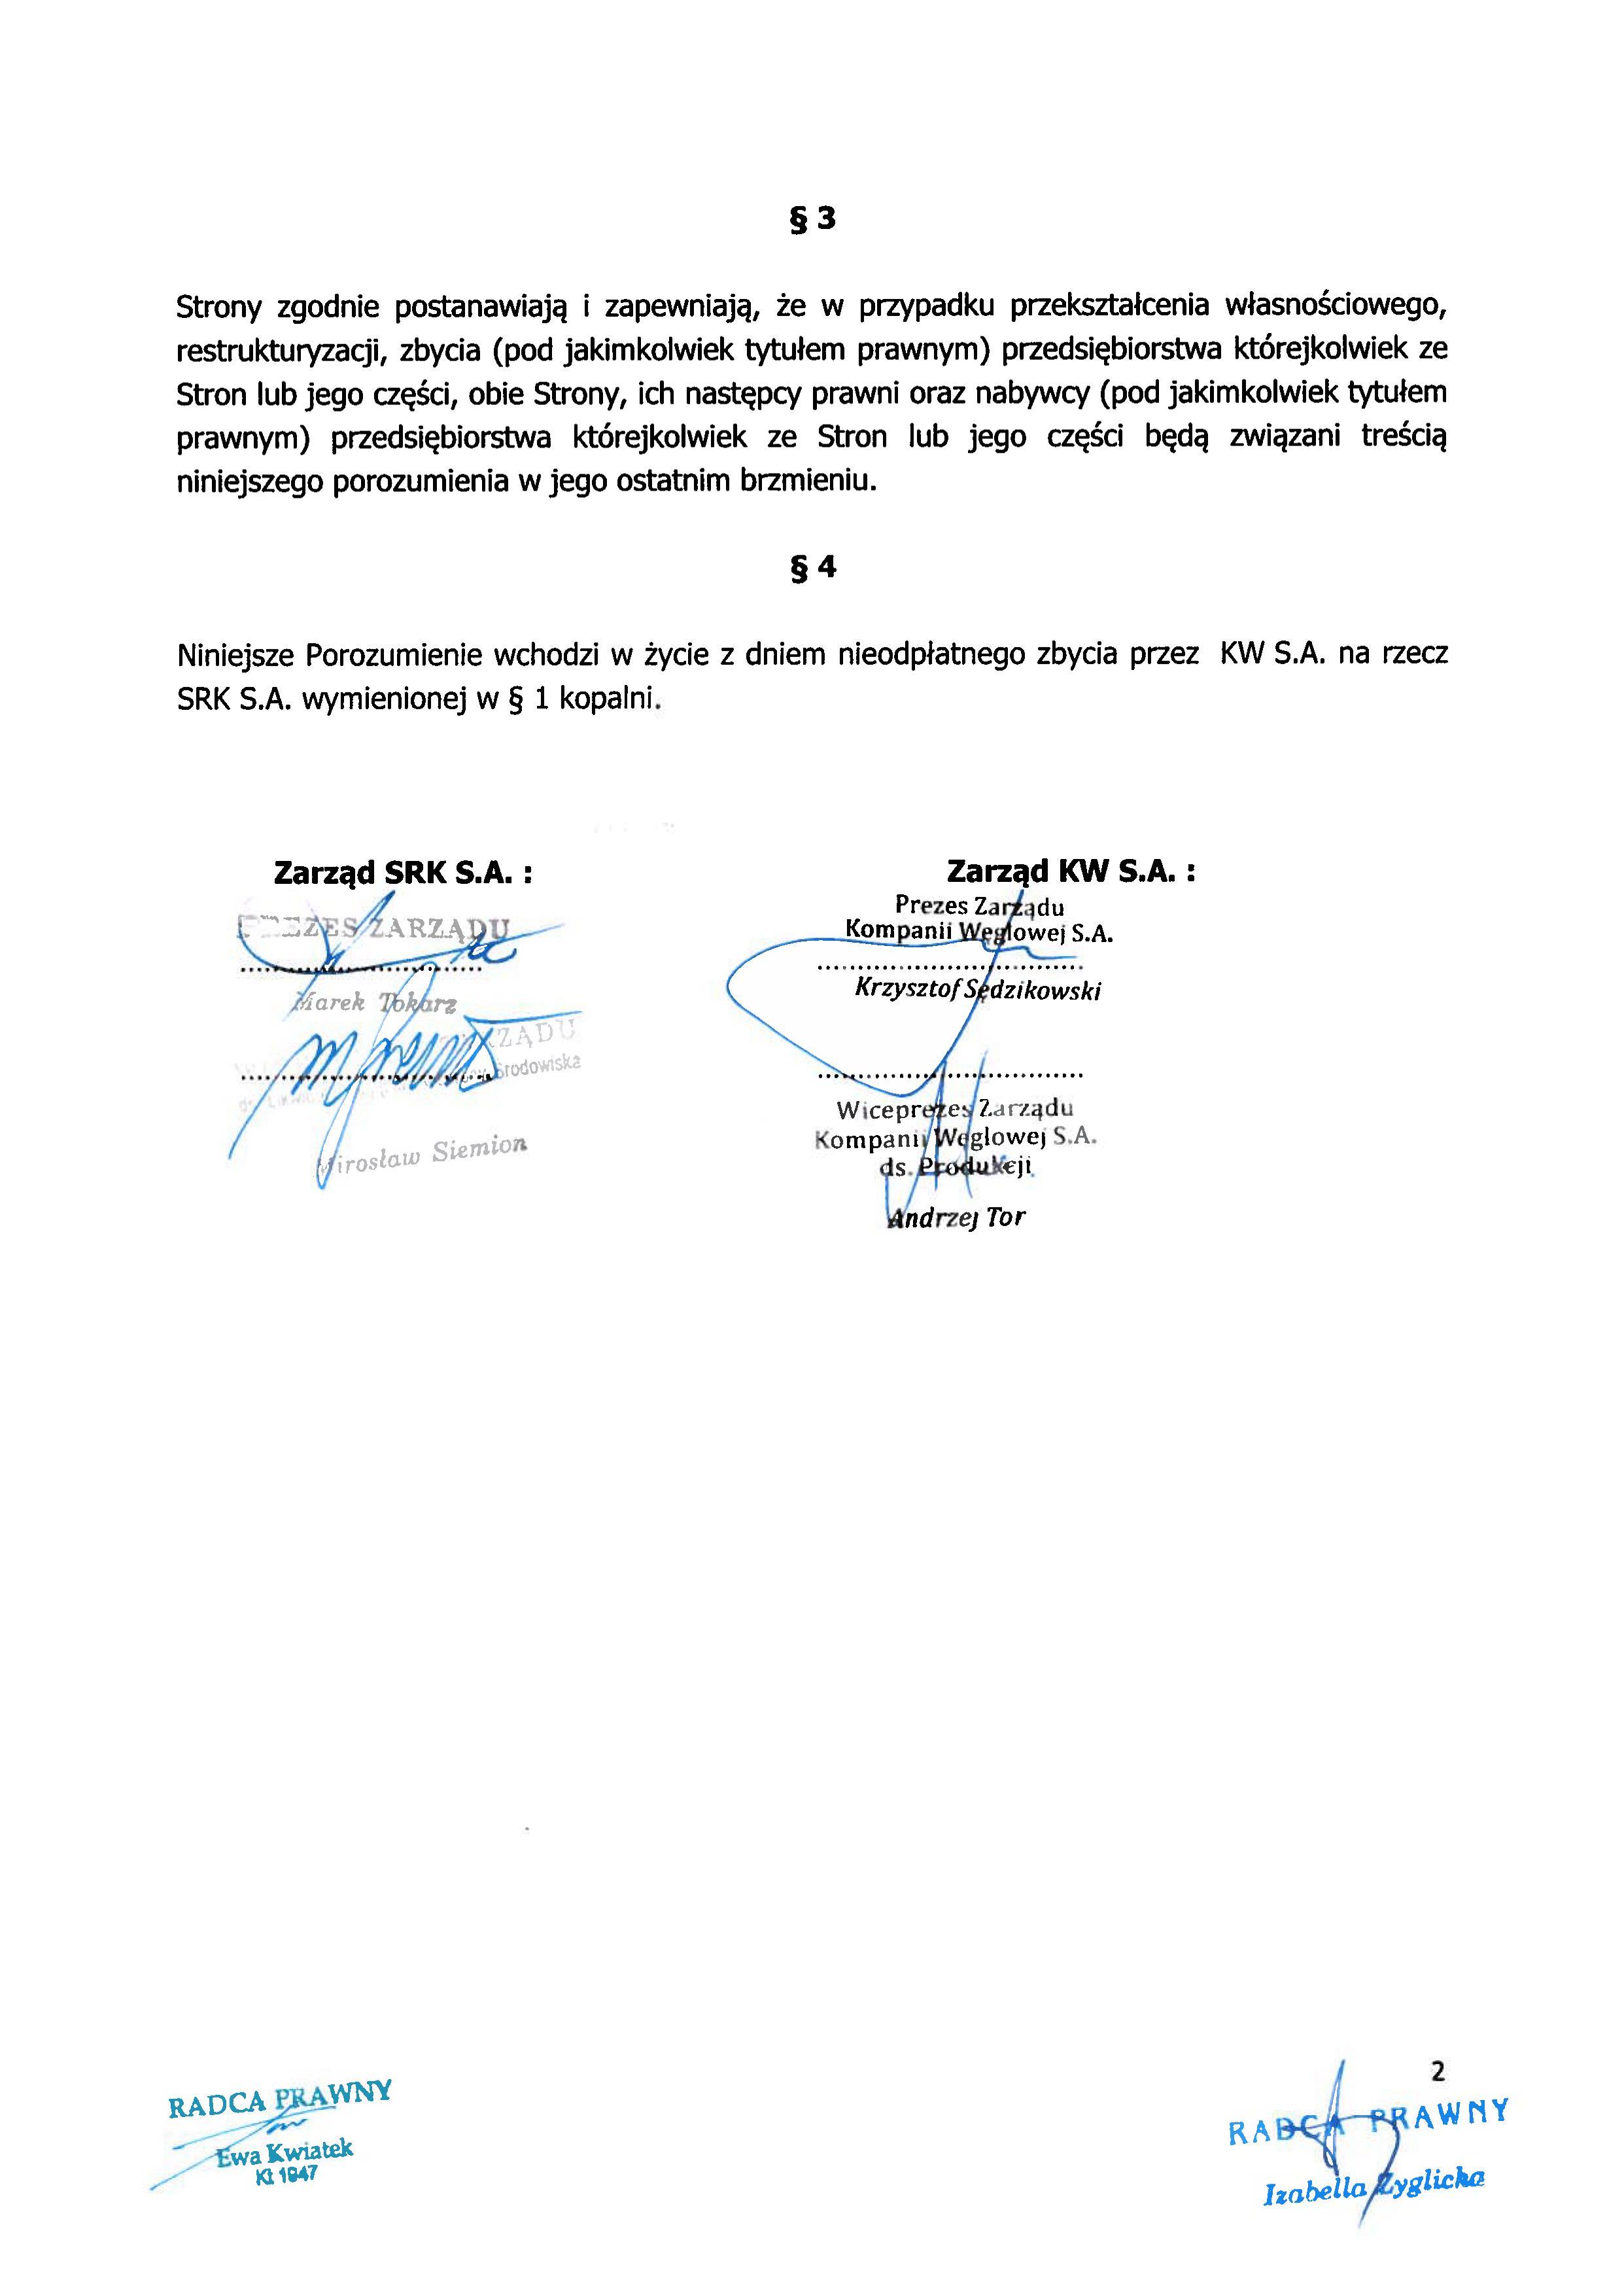 Porozumienie z SRK zapewnienie zatrudnienia Brzeszcze 150504_02